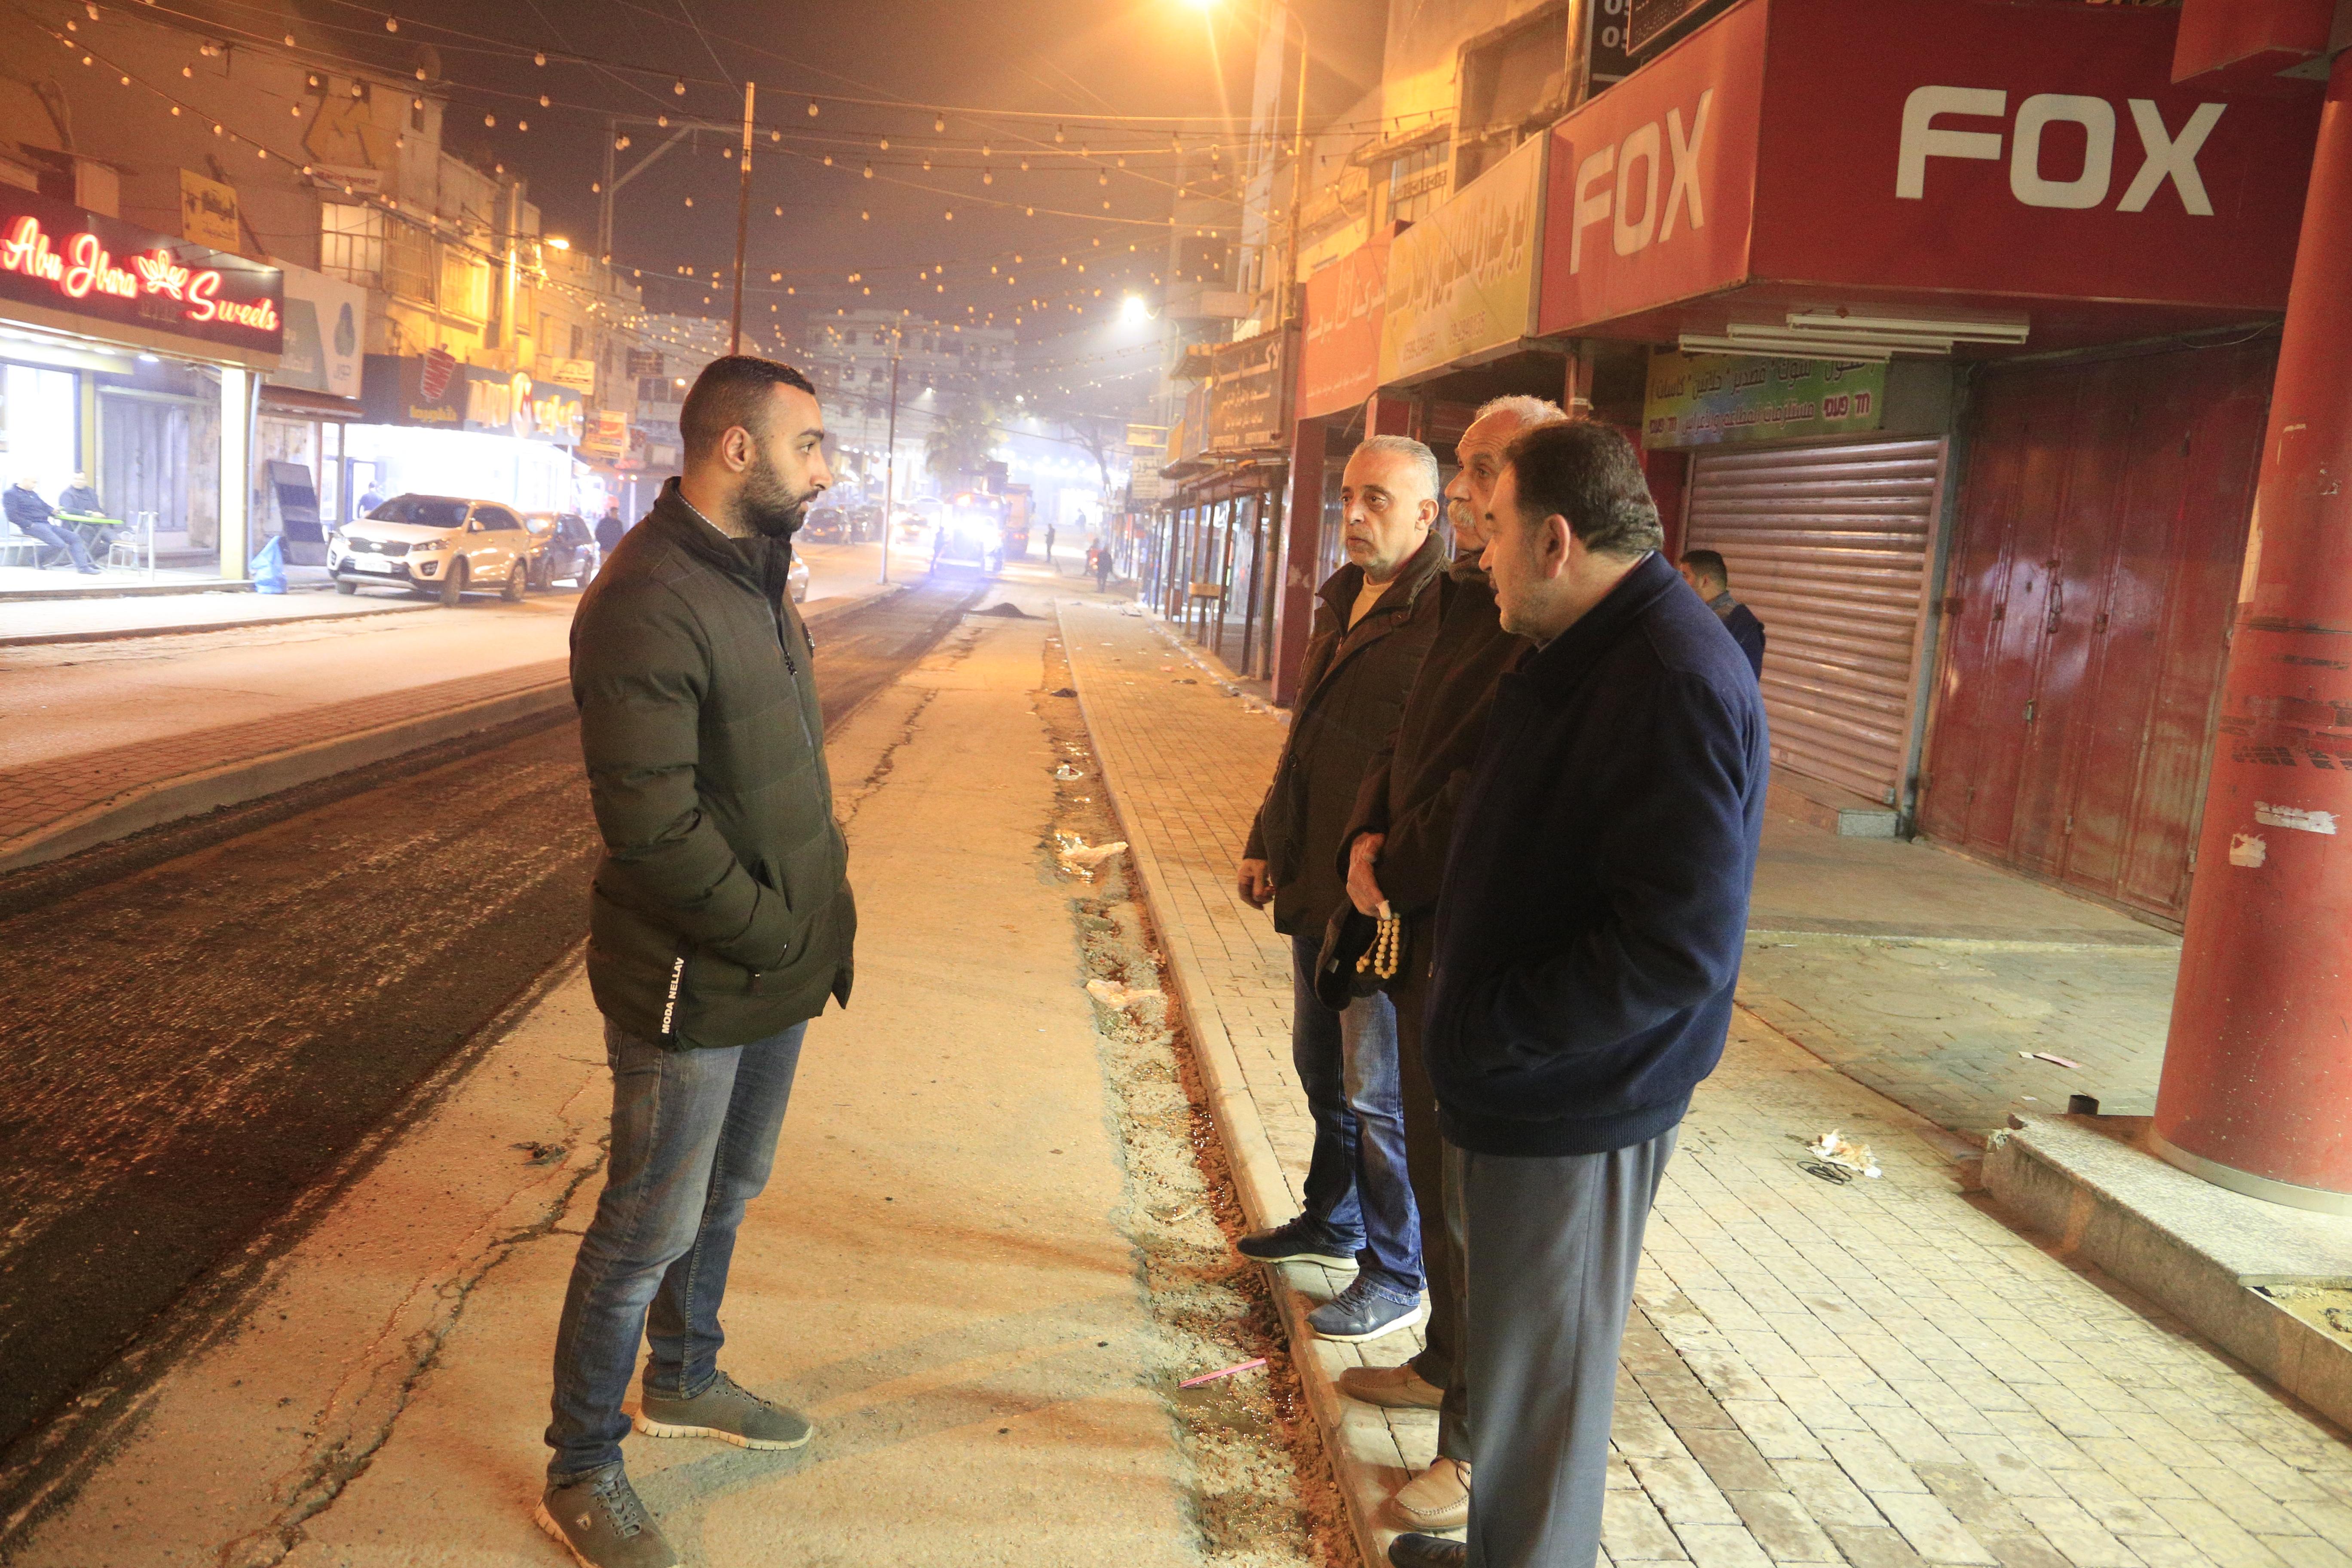 البلدية تقوم بأعمال قشط لشارع عبد الرحيم السبع ومنطقة دوار ابو علي اياد تمهيدا للتعبيد